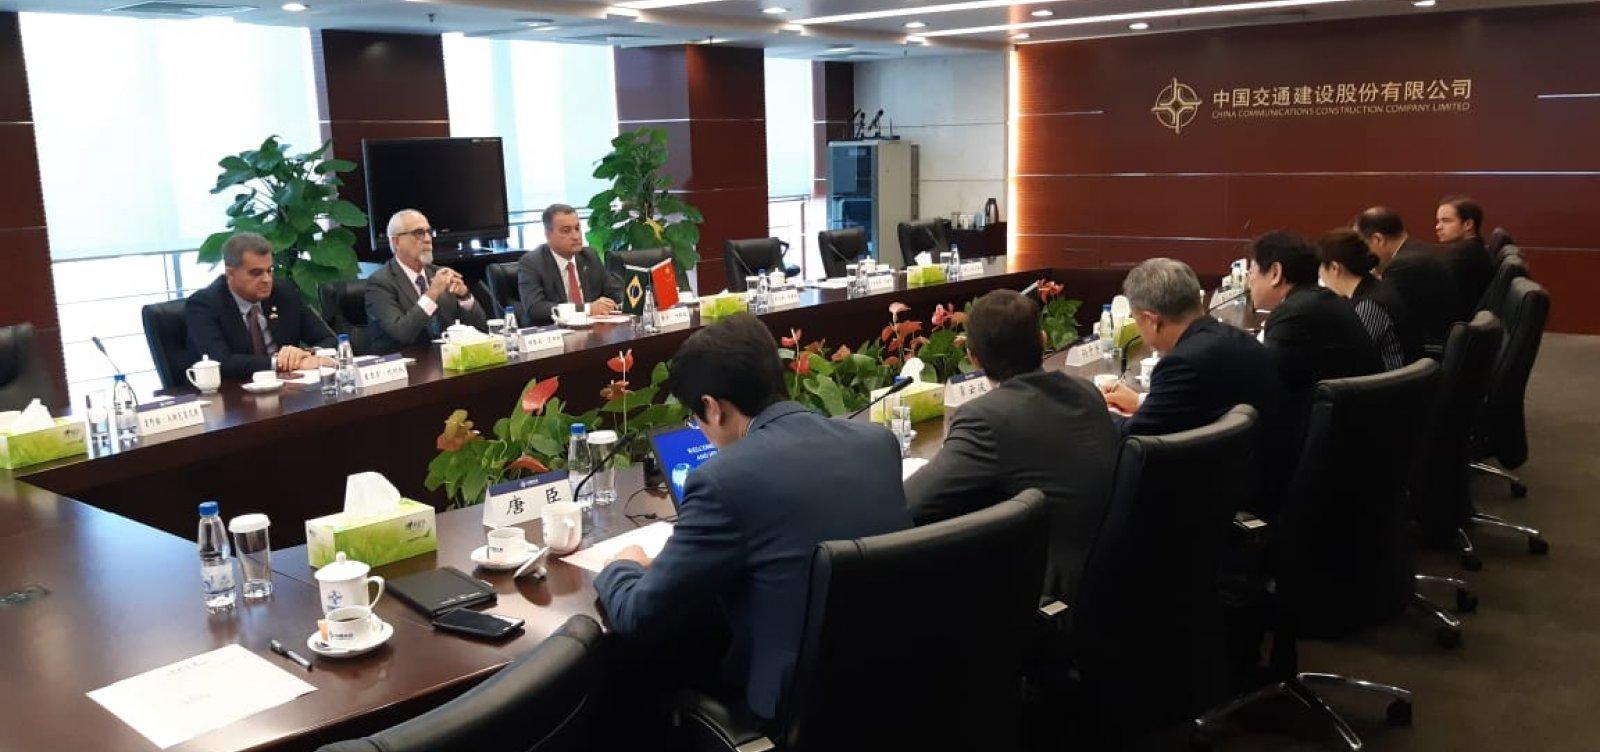 Empresas chinesas confirmam interesse em licitação da Ponte Salvador-Itaparica